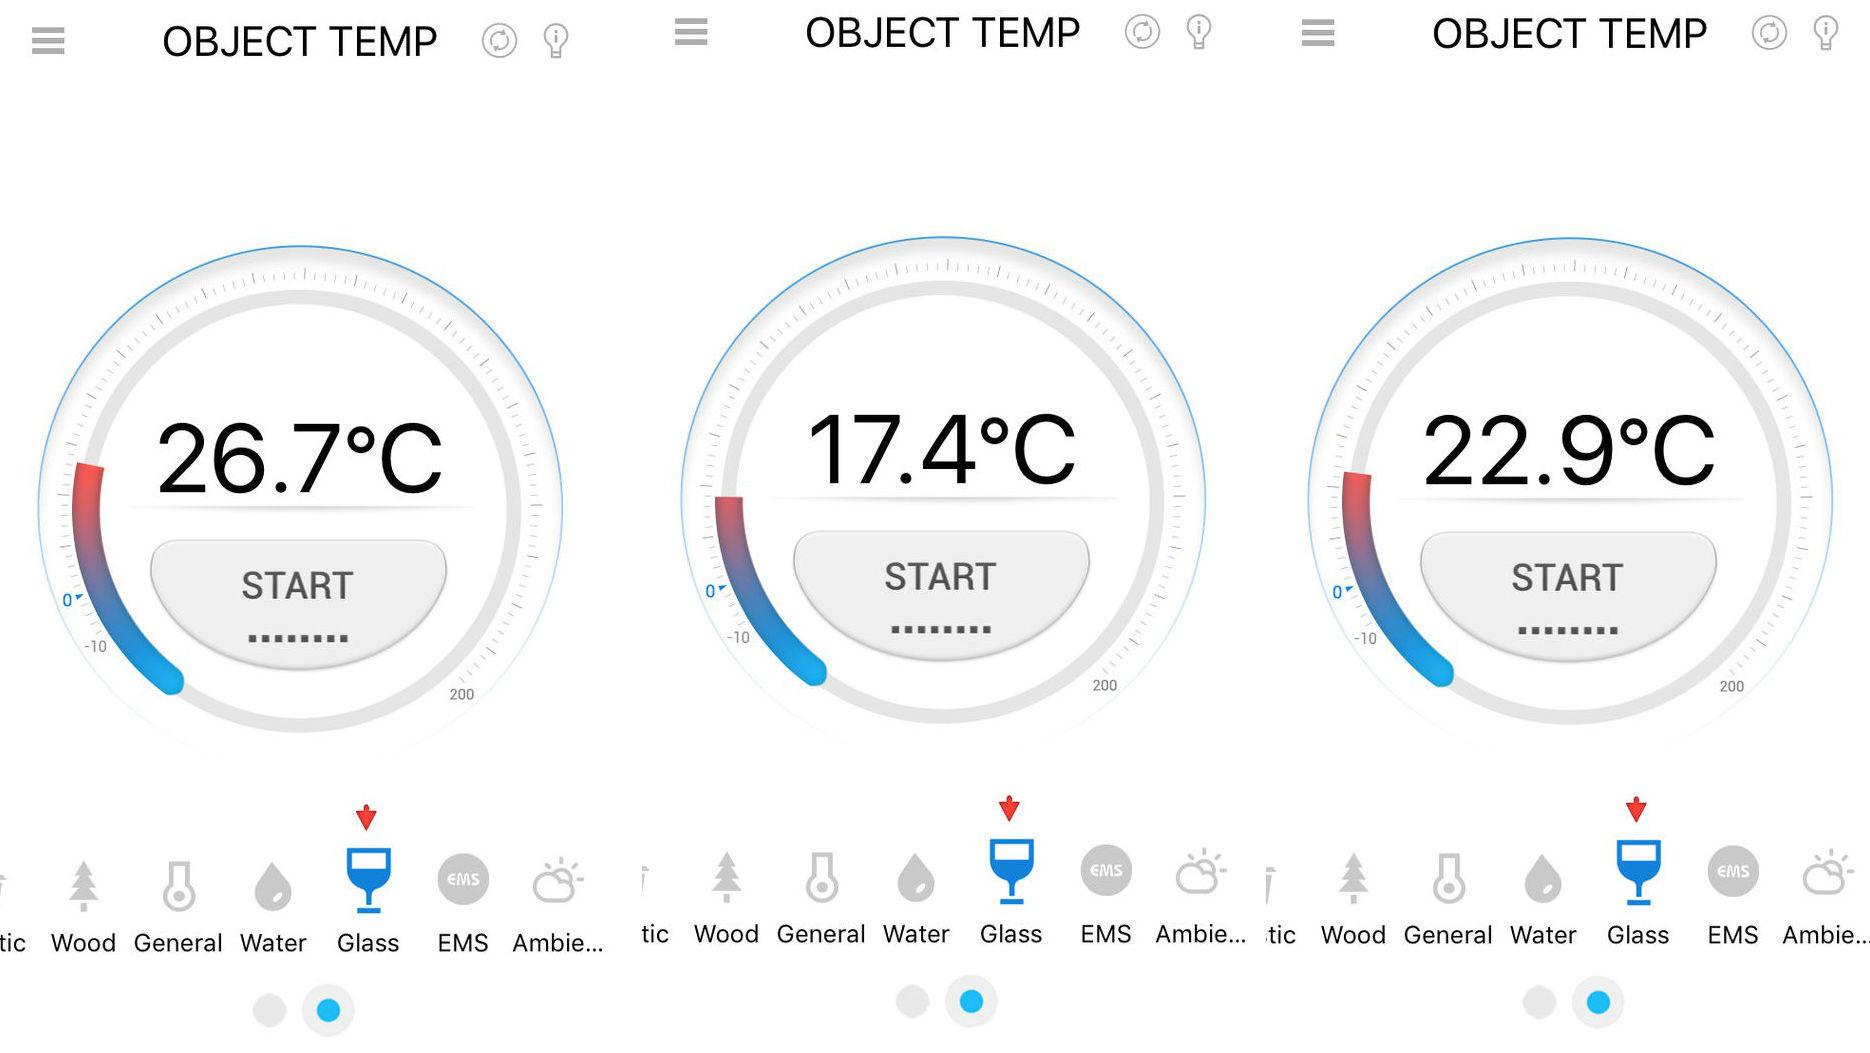 Термокапсула Croise — удобно, компактно и быстро измерить температуру живых и неживых объектов - 6